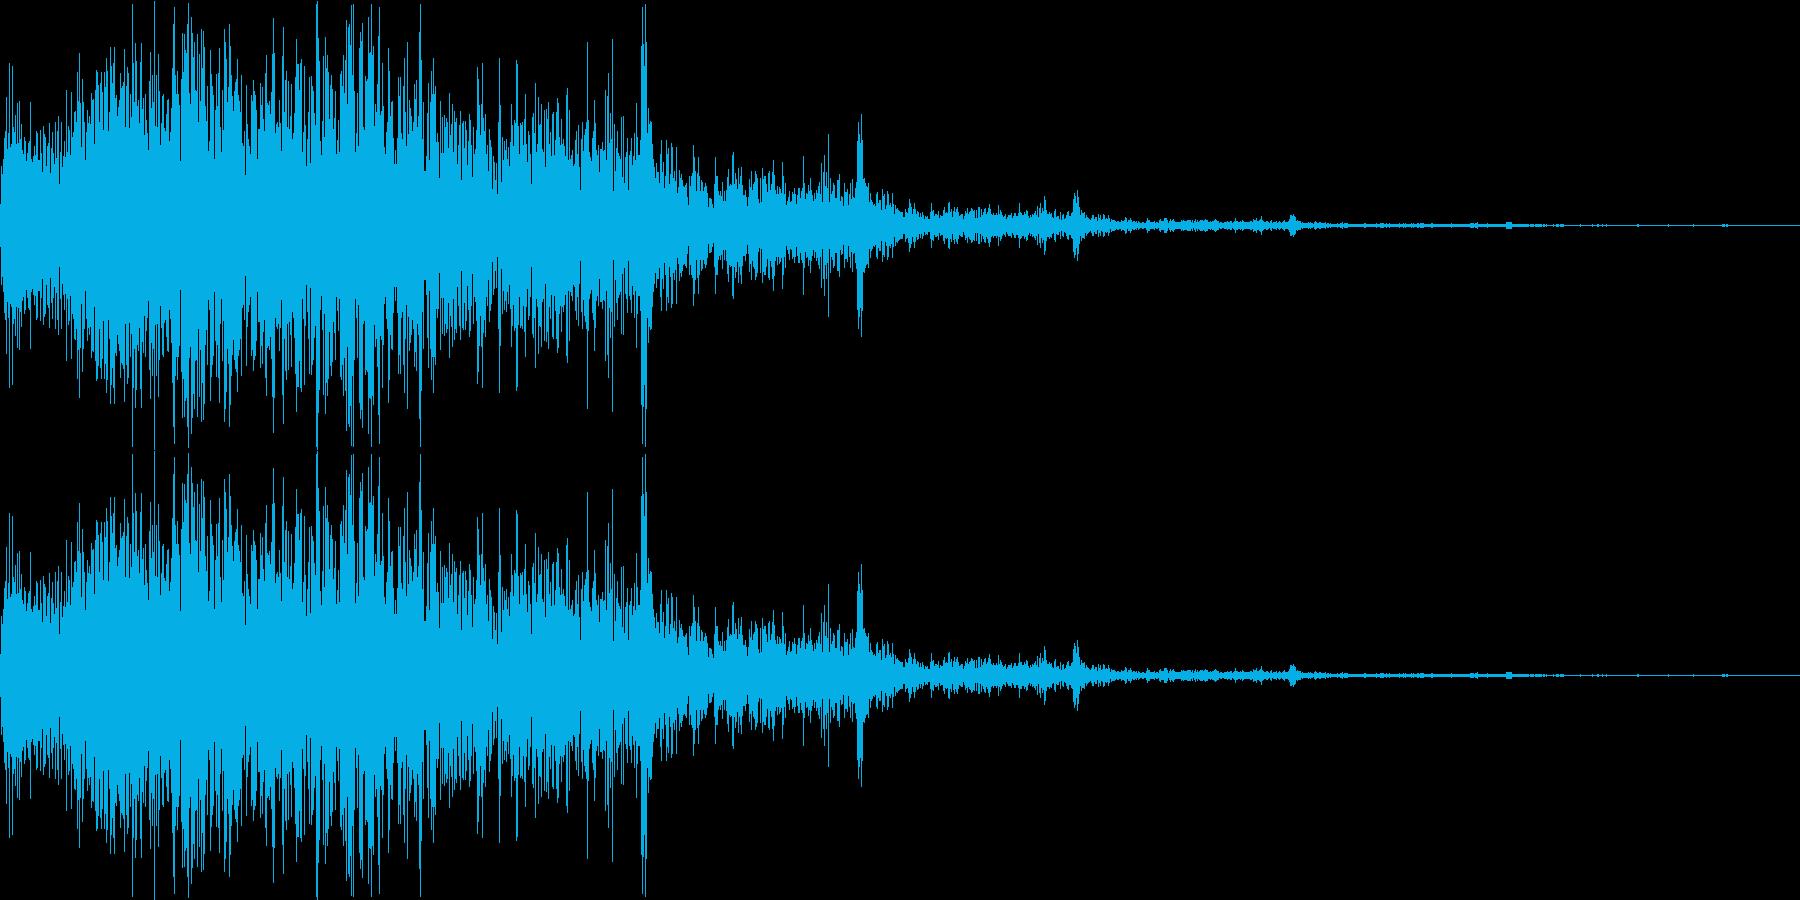 雷のような音です。ゲーム的なサウンドで…の再生済みの波形